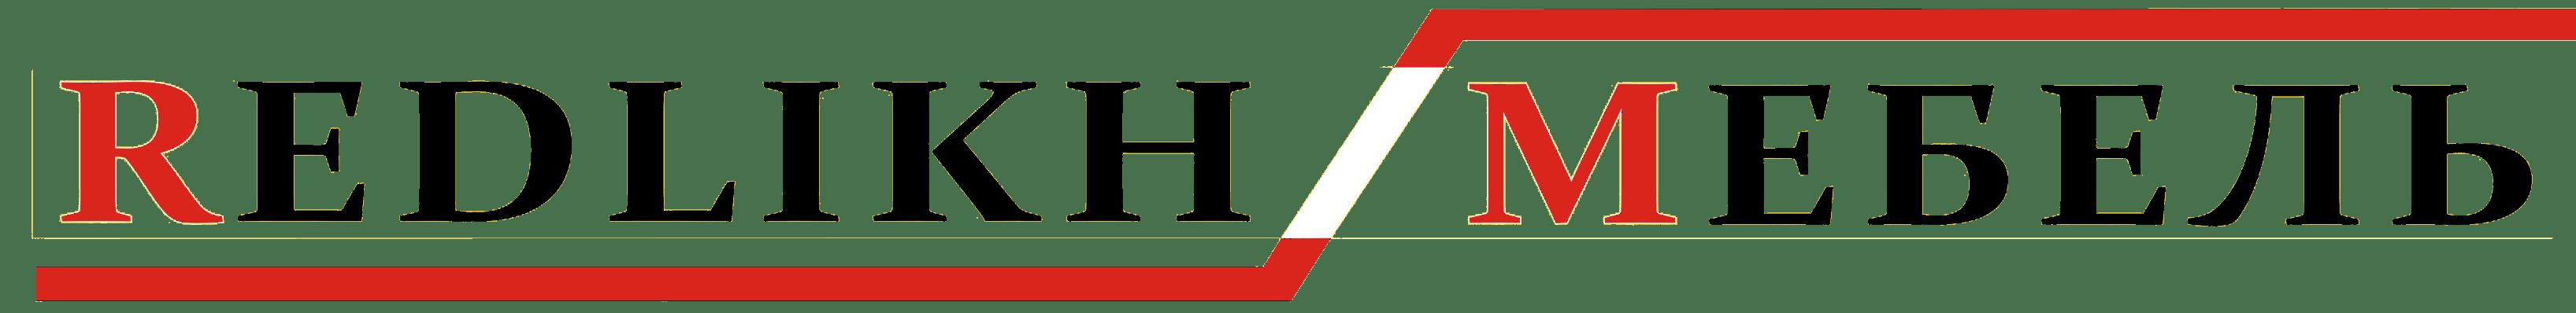 REDLIKH Mebel